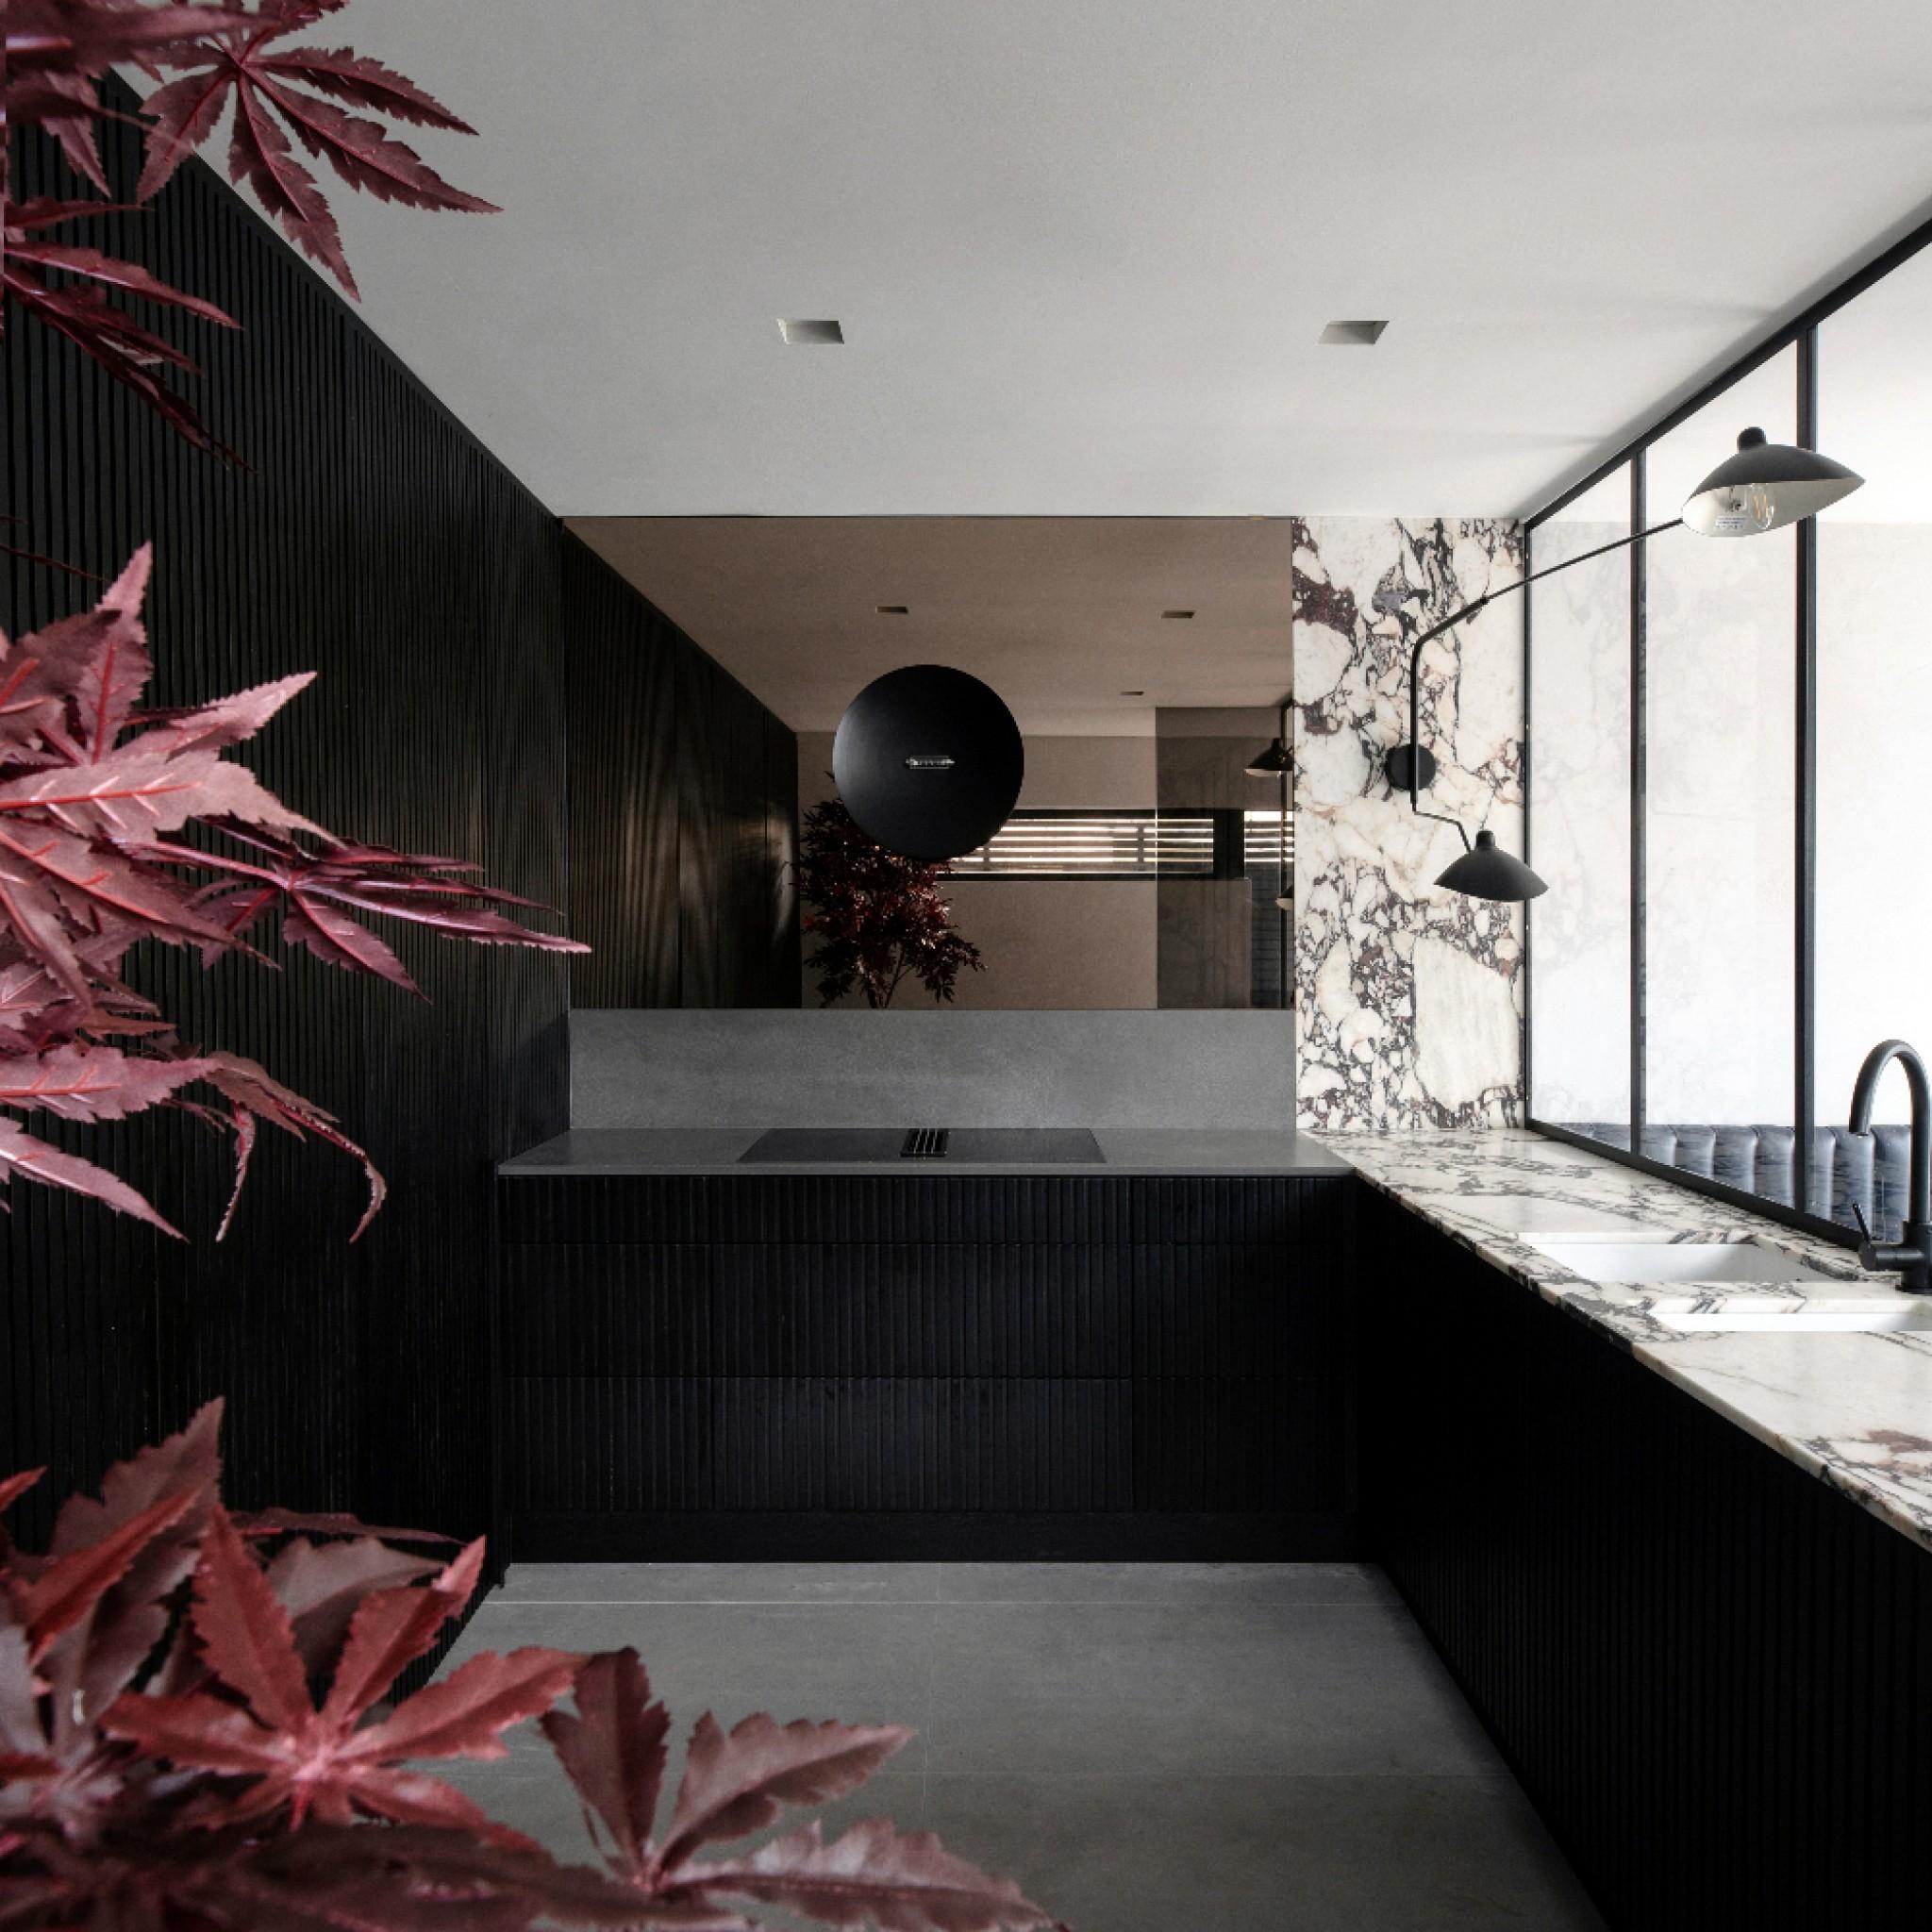 Ravensdale Residence by Kingston Lafferty Design